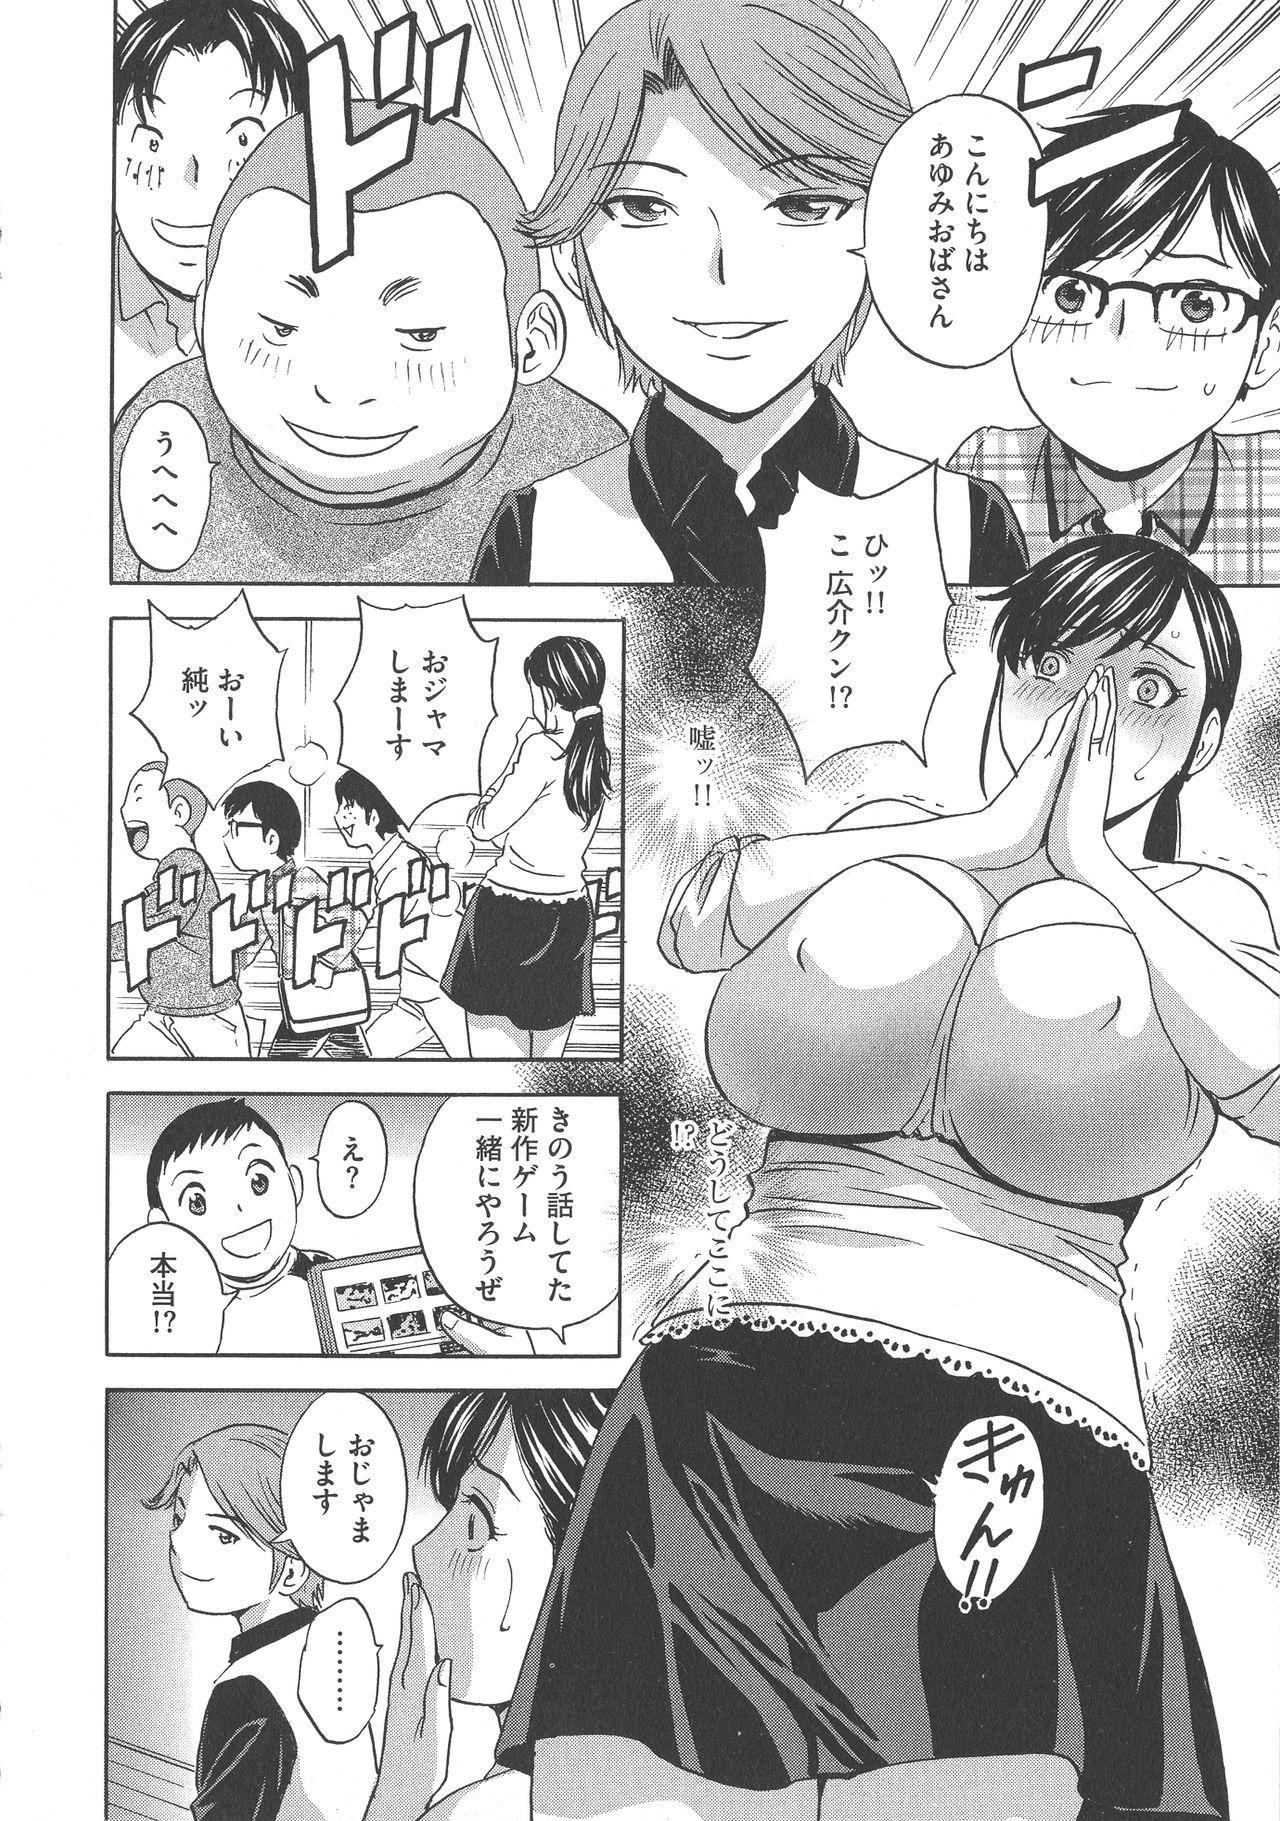 Chijoku ni Modaeru Haha no Chichi… 113